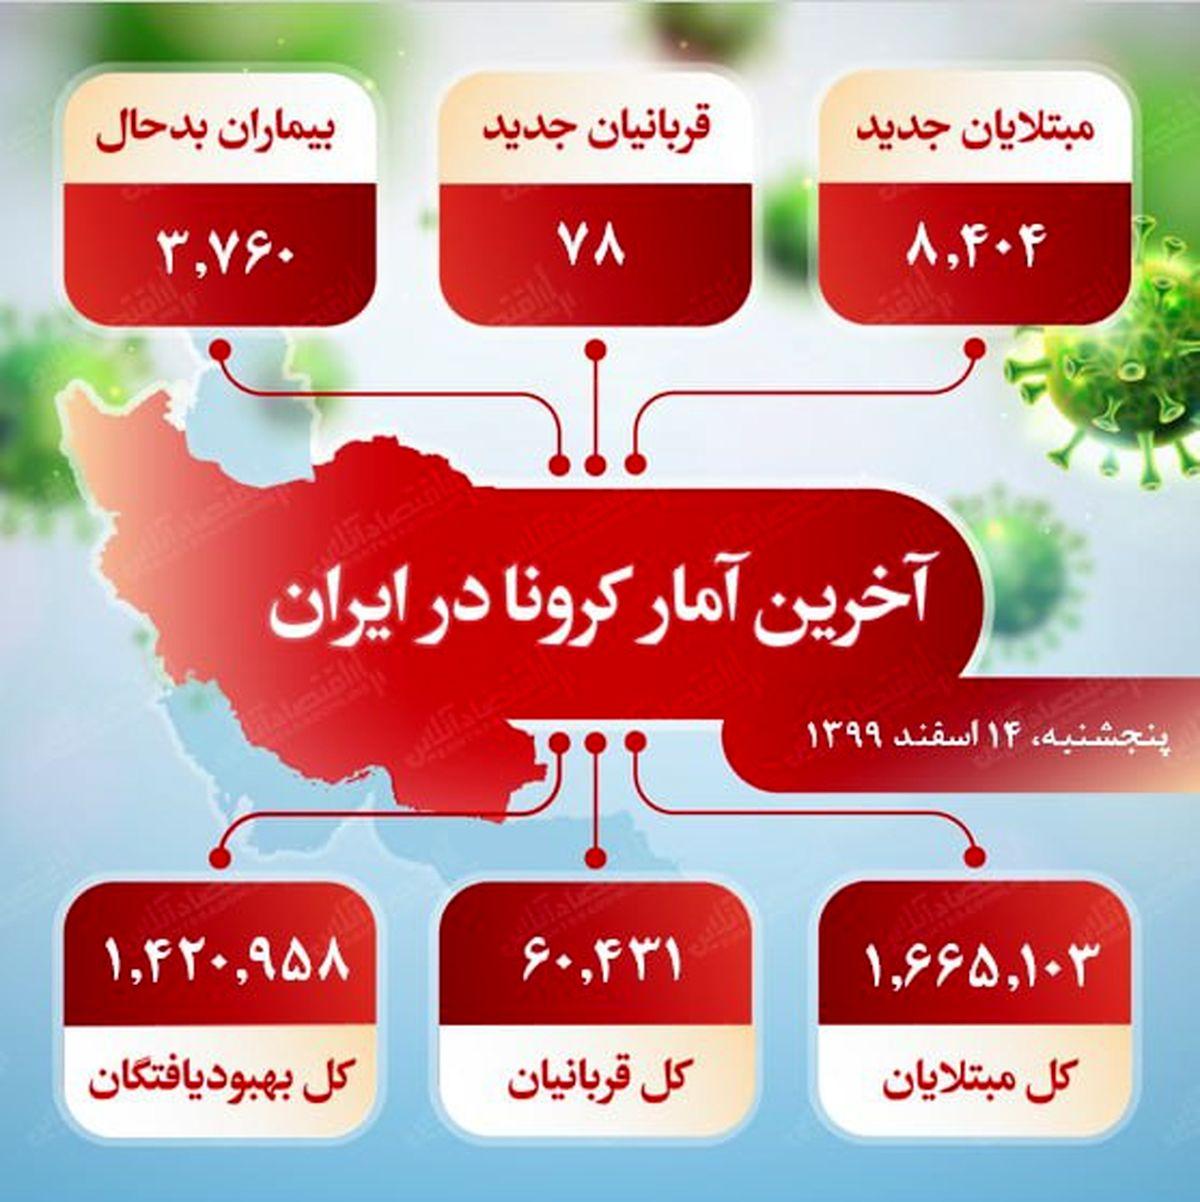 آخرین آمار کرونا در ایران (۹۹/۱۲/۱۴)